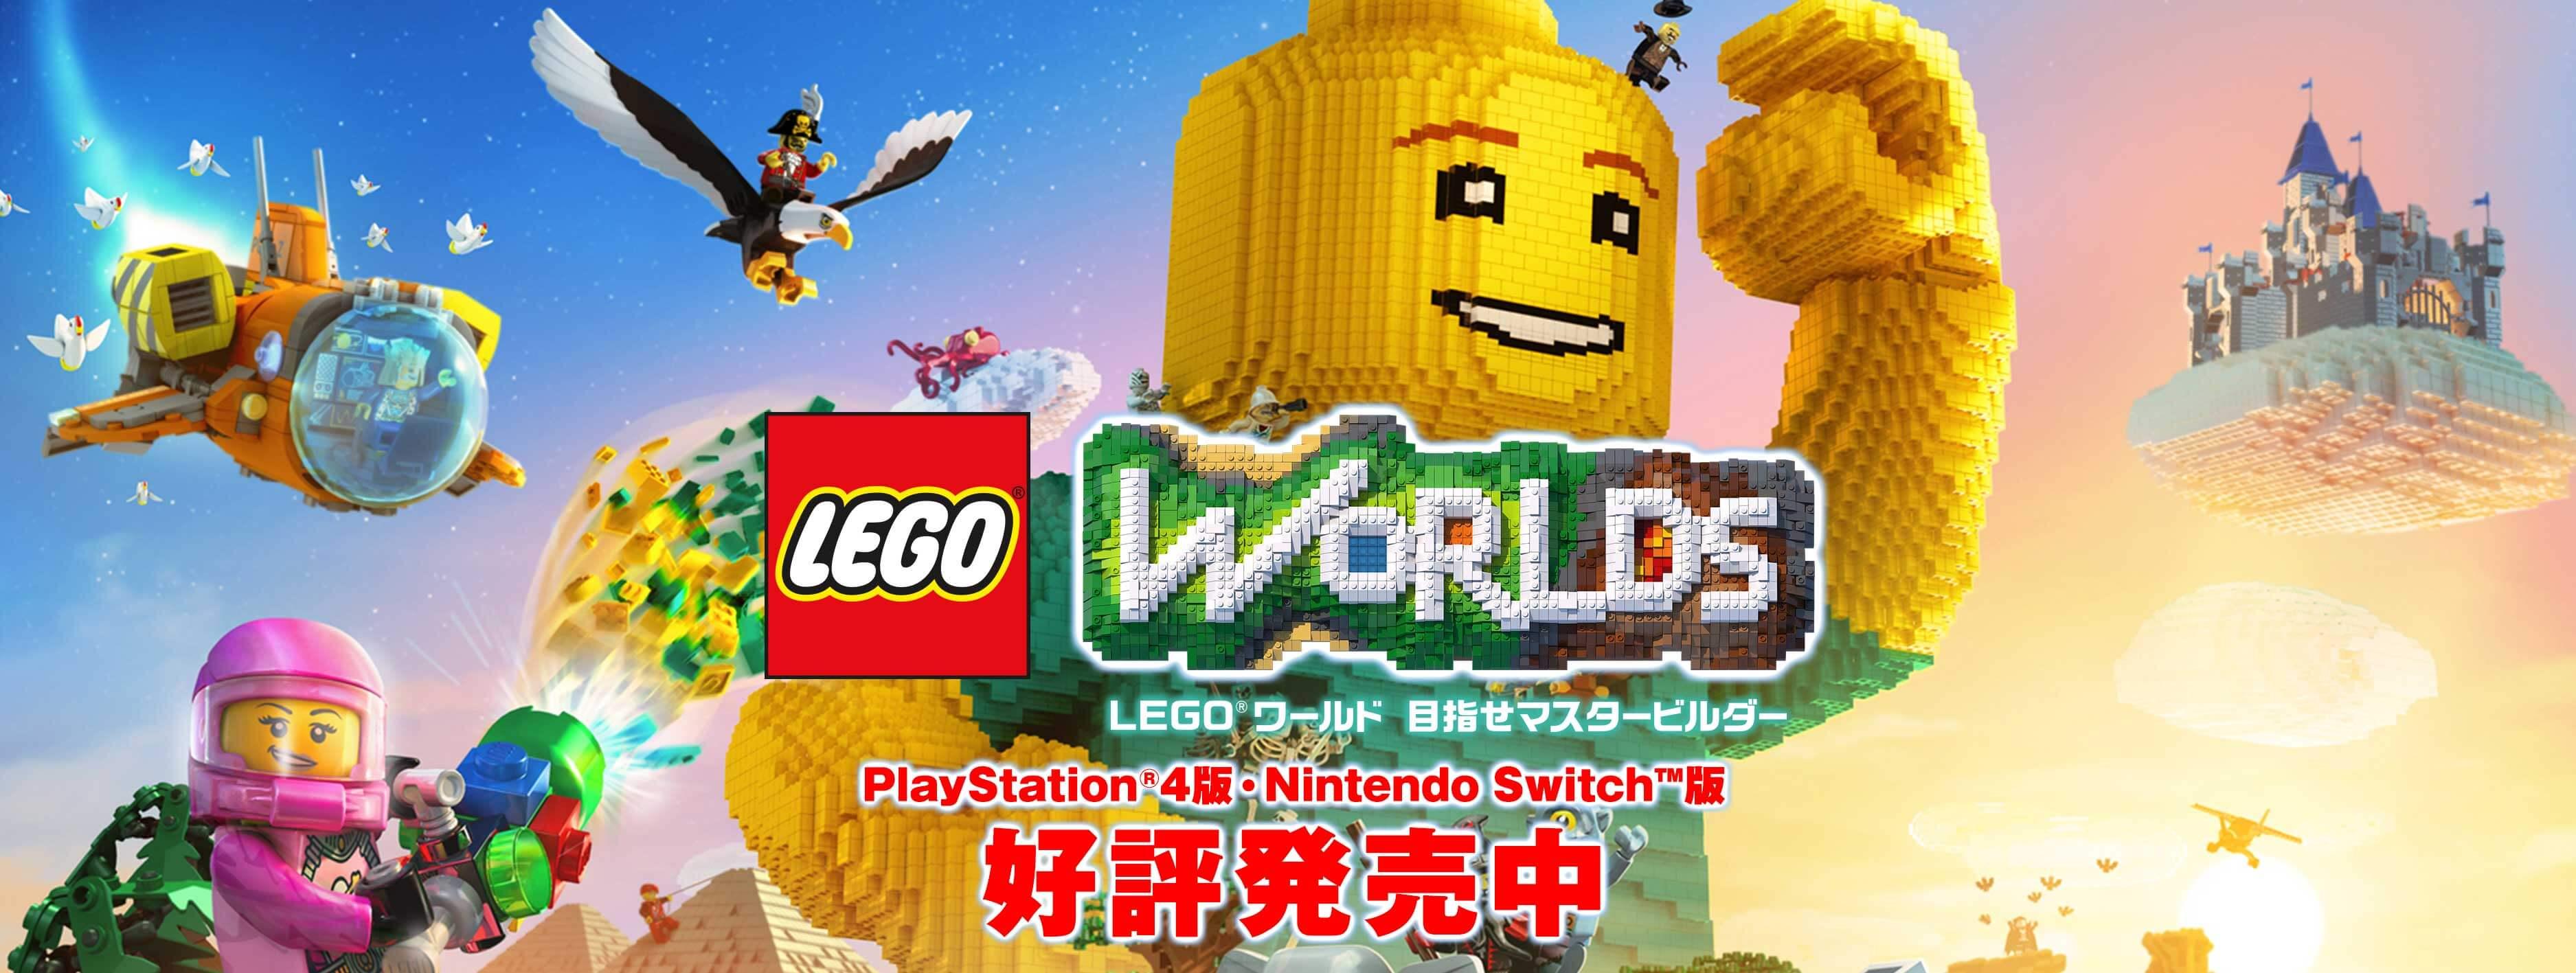 lego ワールド 目指せマスタービルダー 公式サイト ワーナー ゲーム